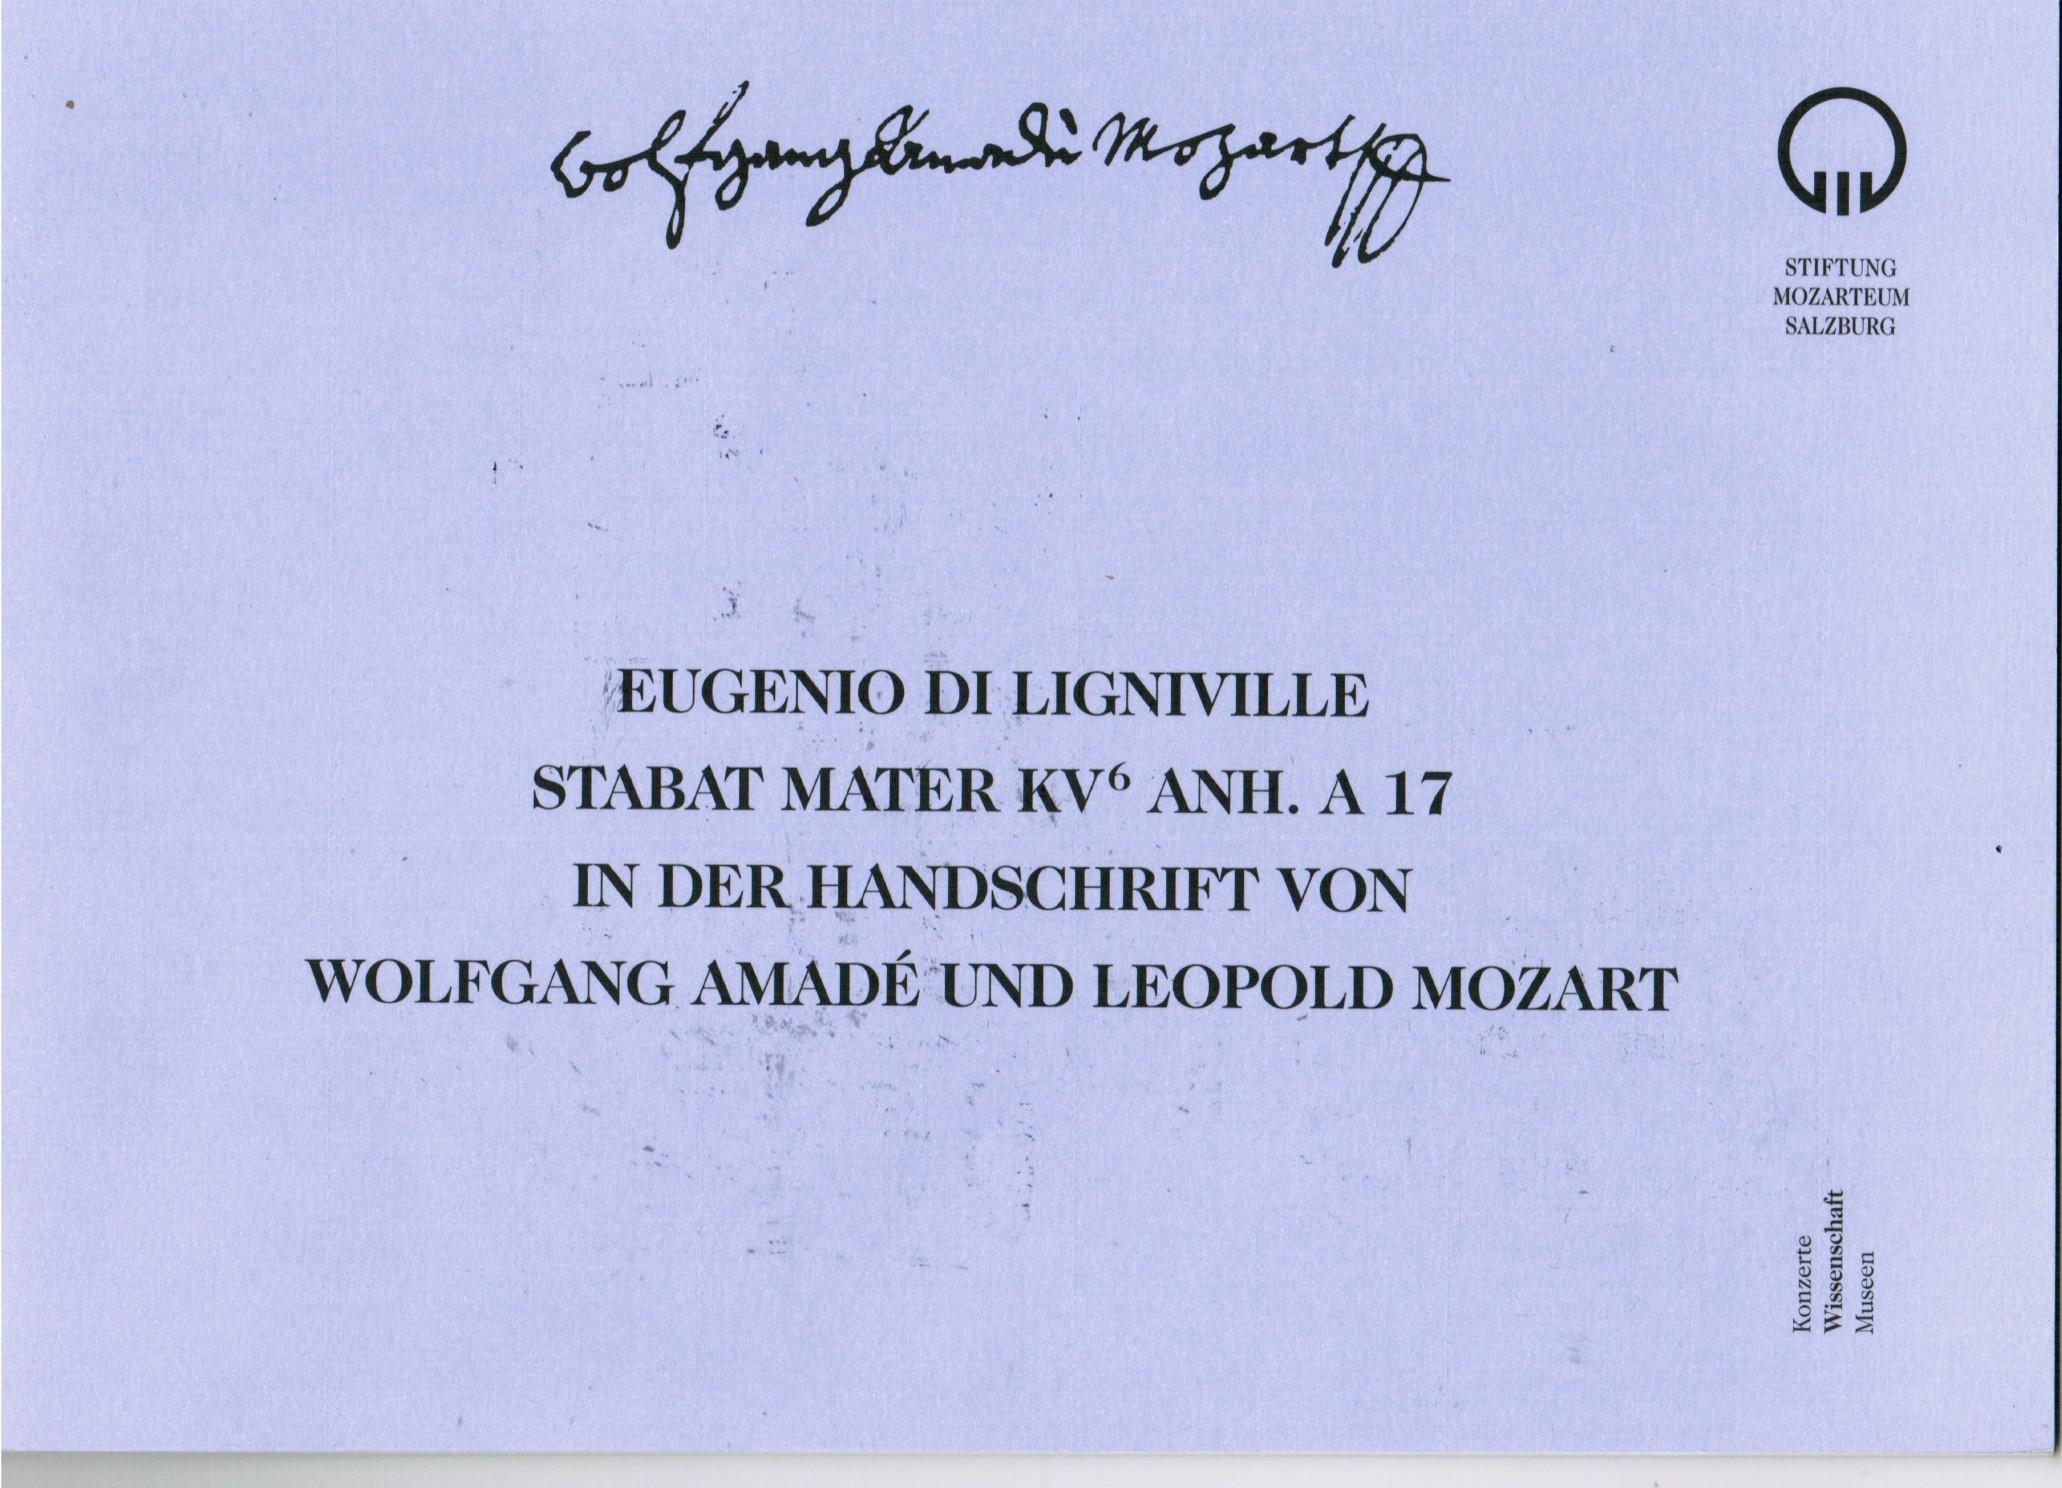 Faksimile: Eugenio di Ligniville Stabat Mater KV6 Anh. A 17 in der Handschrift von Wolfgang und Leopold Mozart